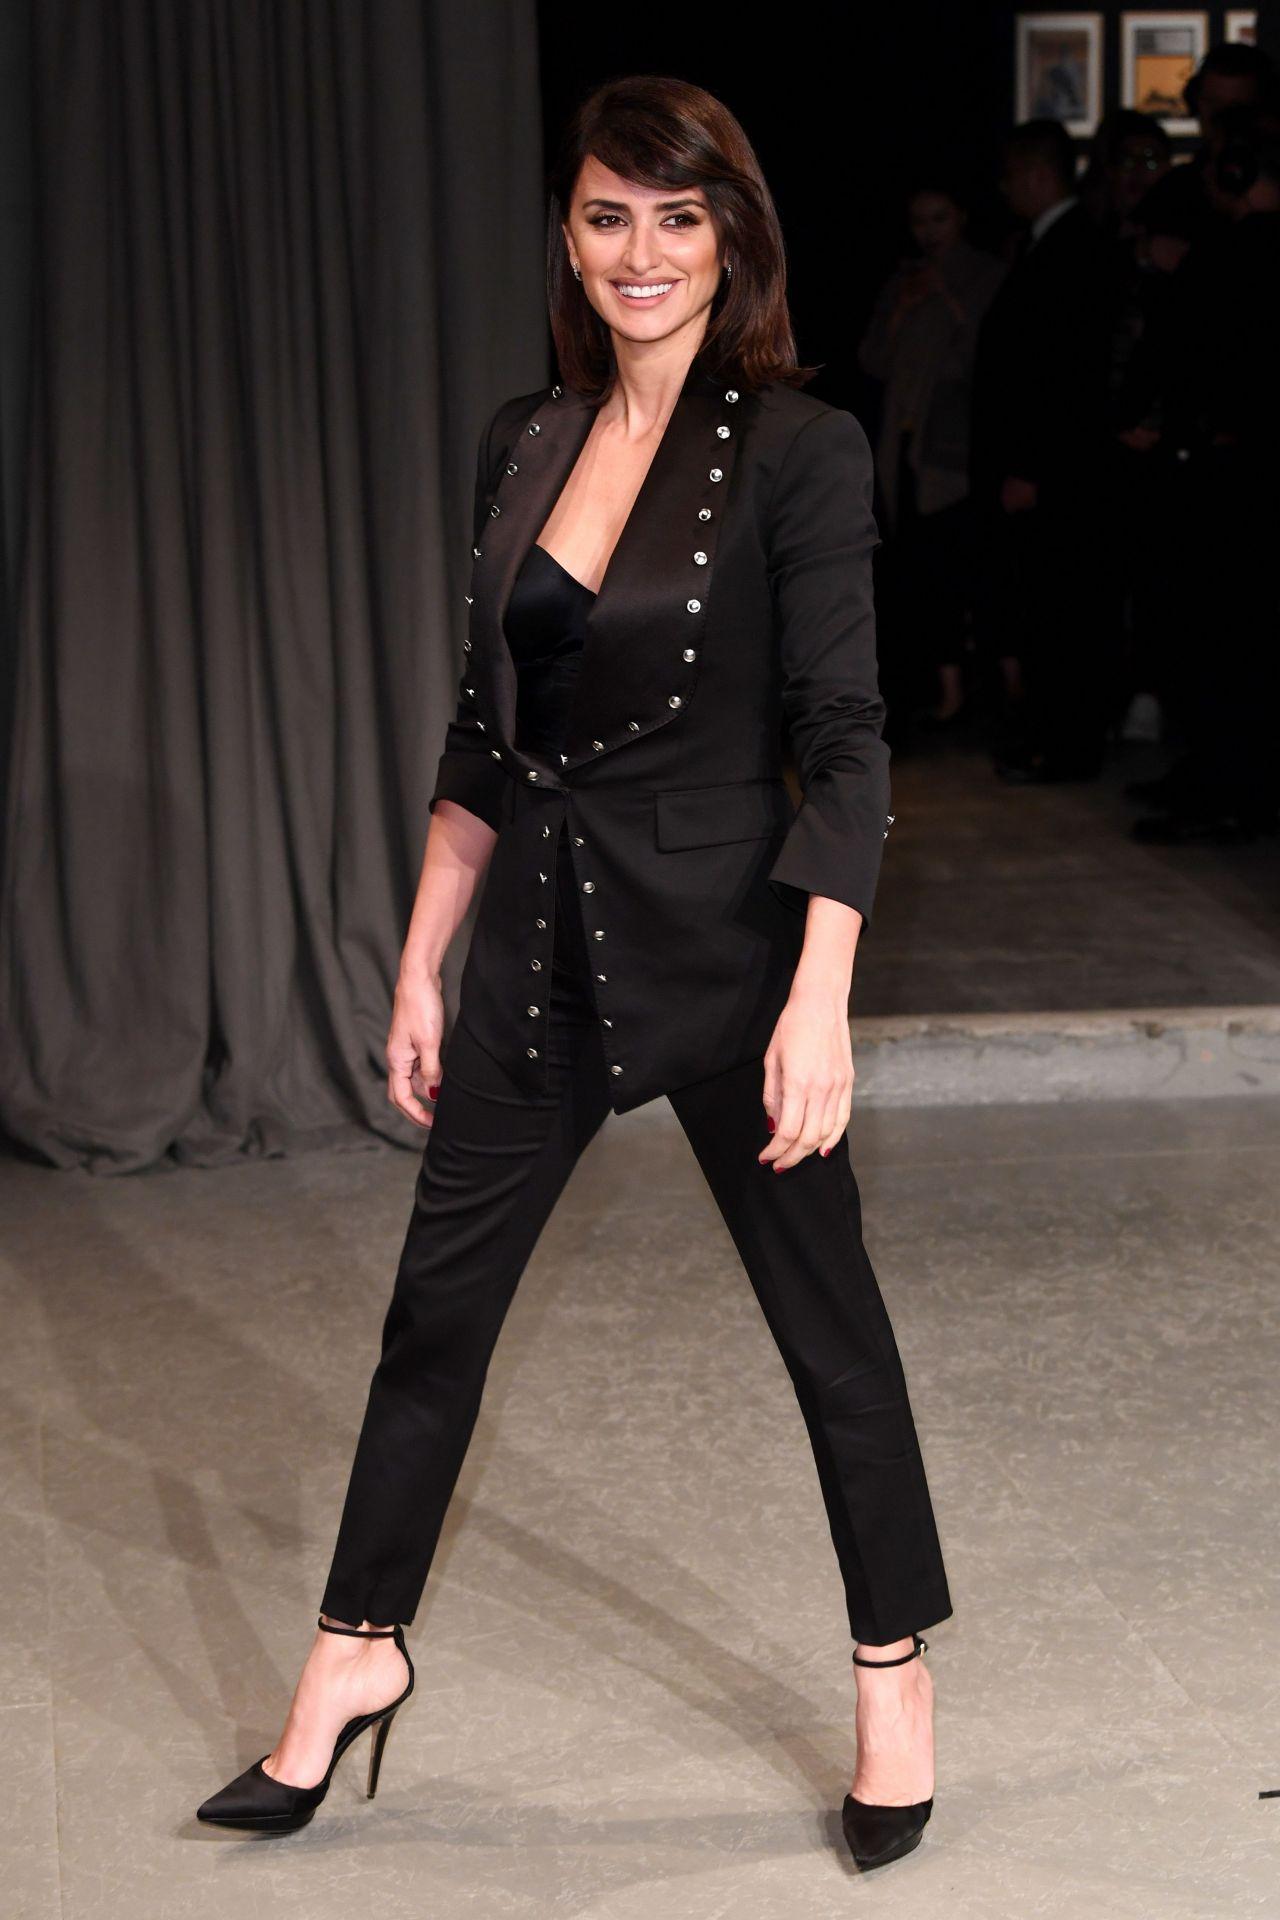 Aspinal of london celebrity stylists